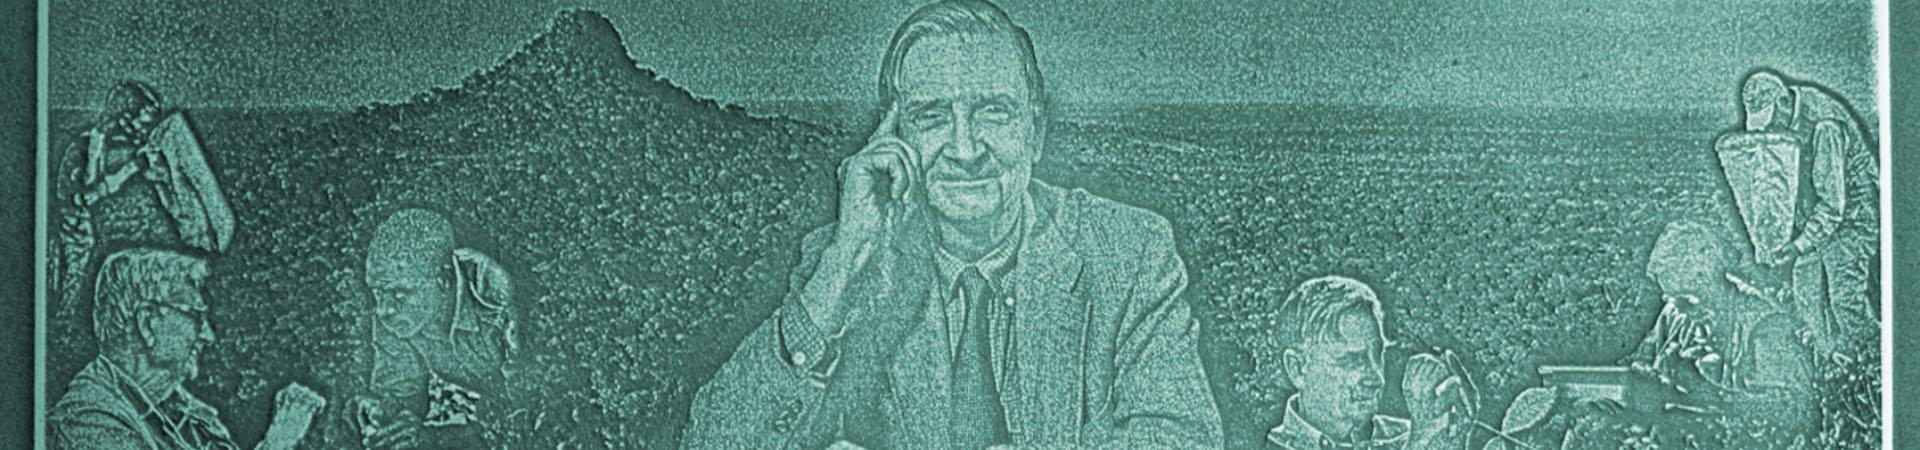 Photocast Image